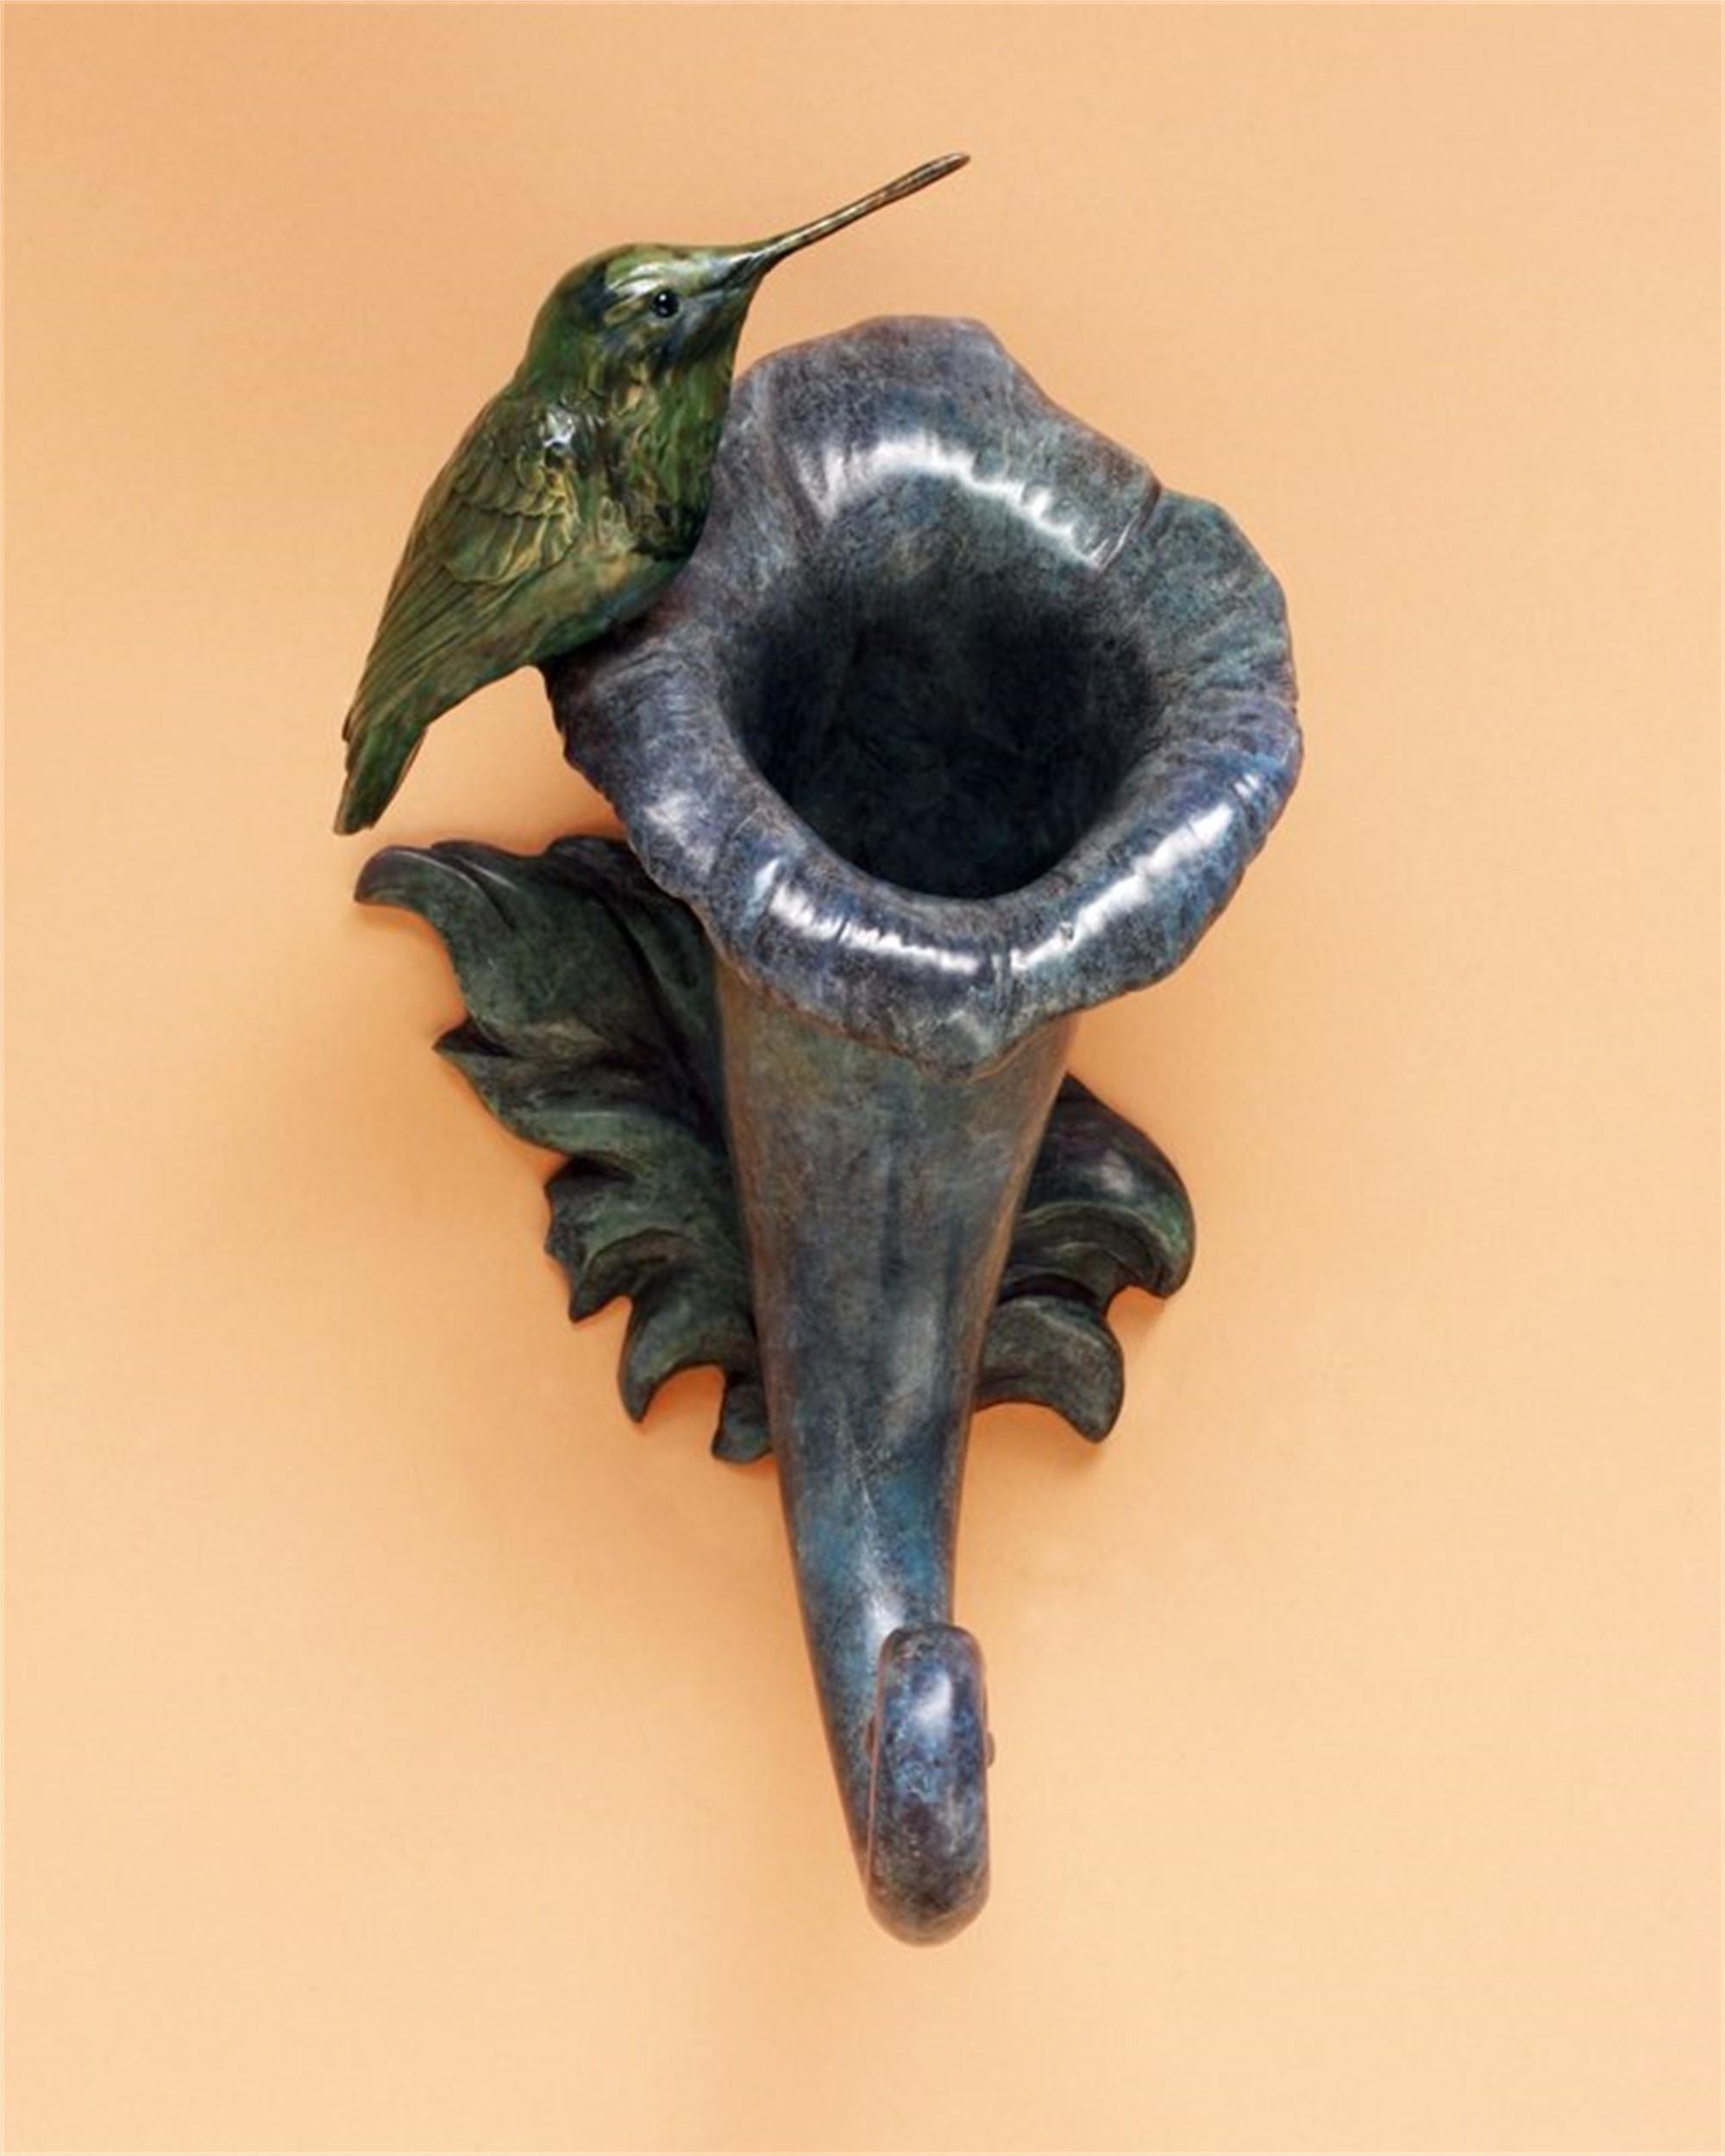 Trumpet Flower by Melissa Cooper